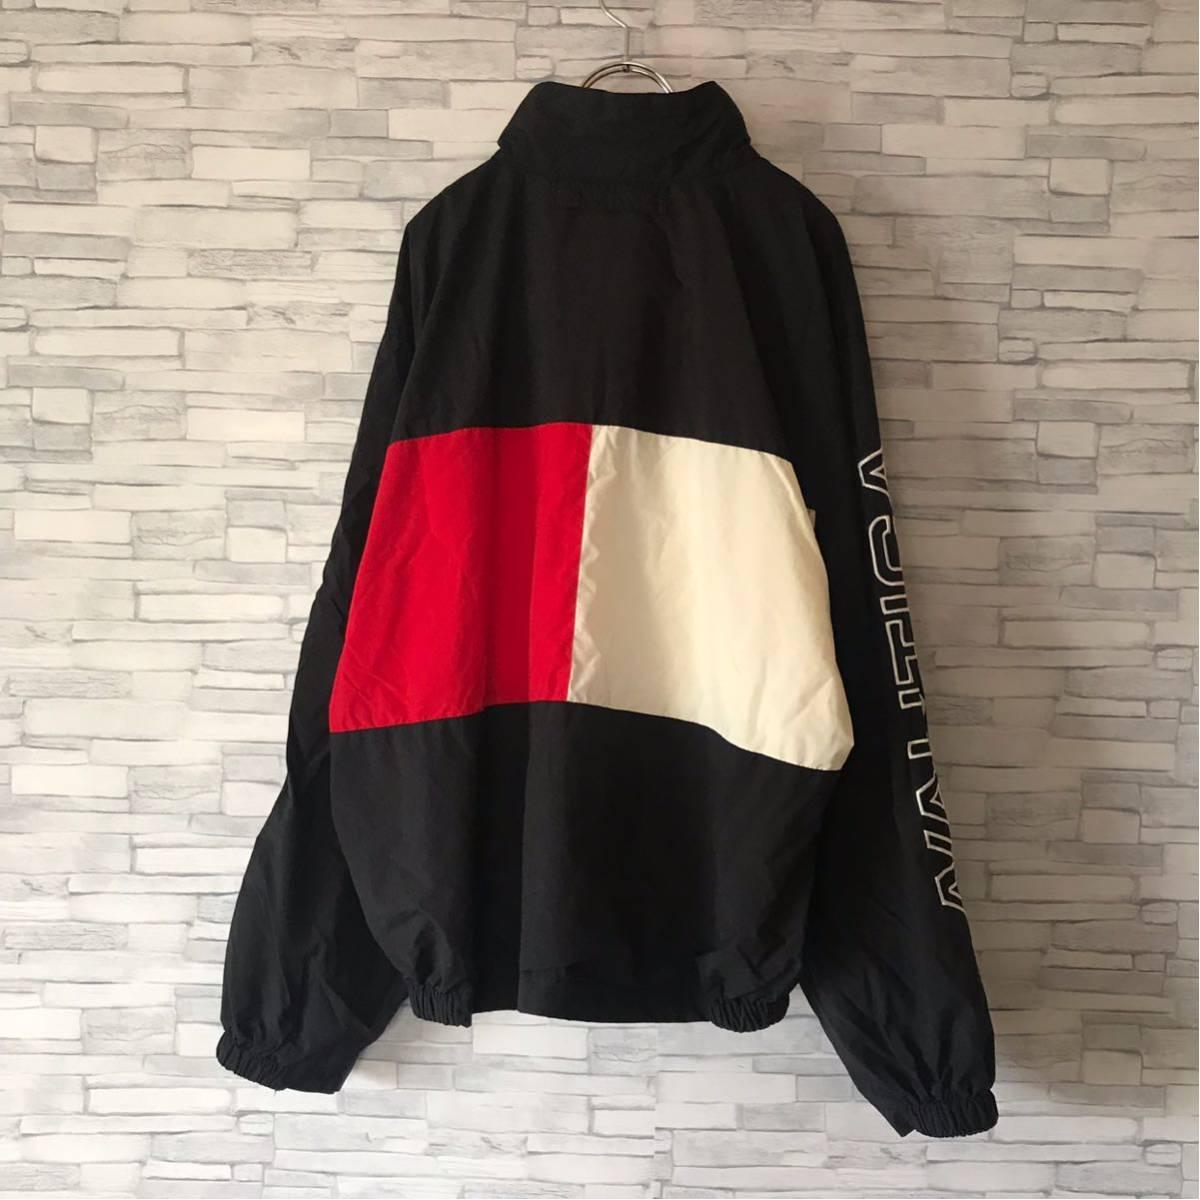 90s ノーティカ NAUTICA ナイロンジャケット ツートンカラー 袖ロゴ 裏メッシュ アウター ウィンドブレーカー セーリングジャケット_画像3